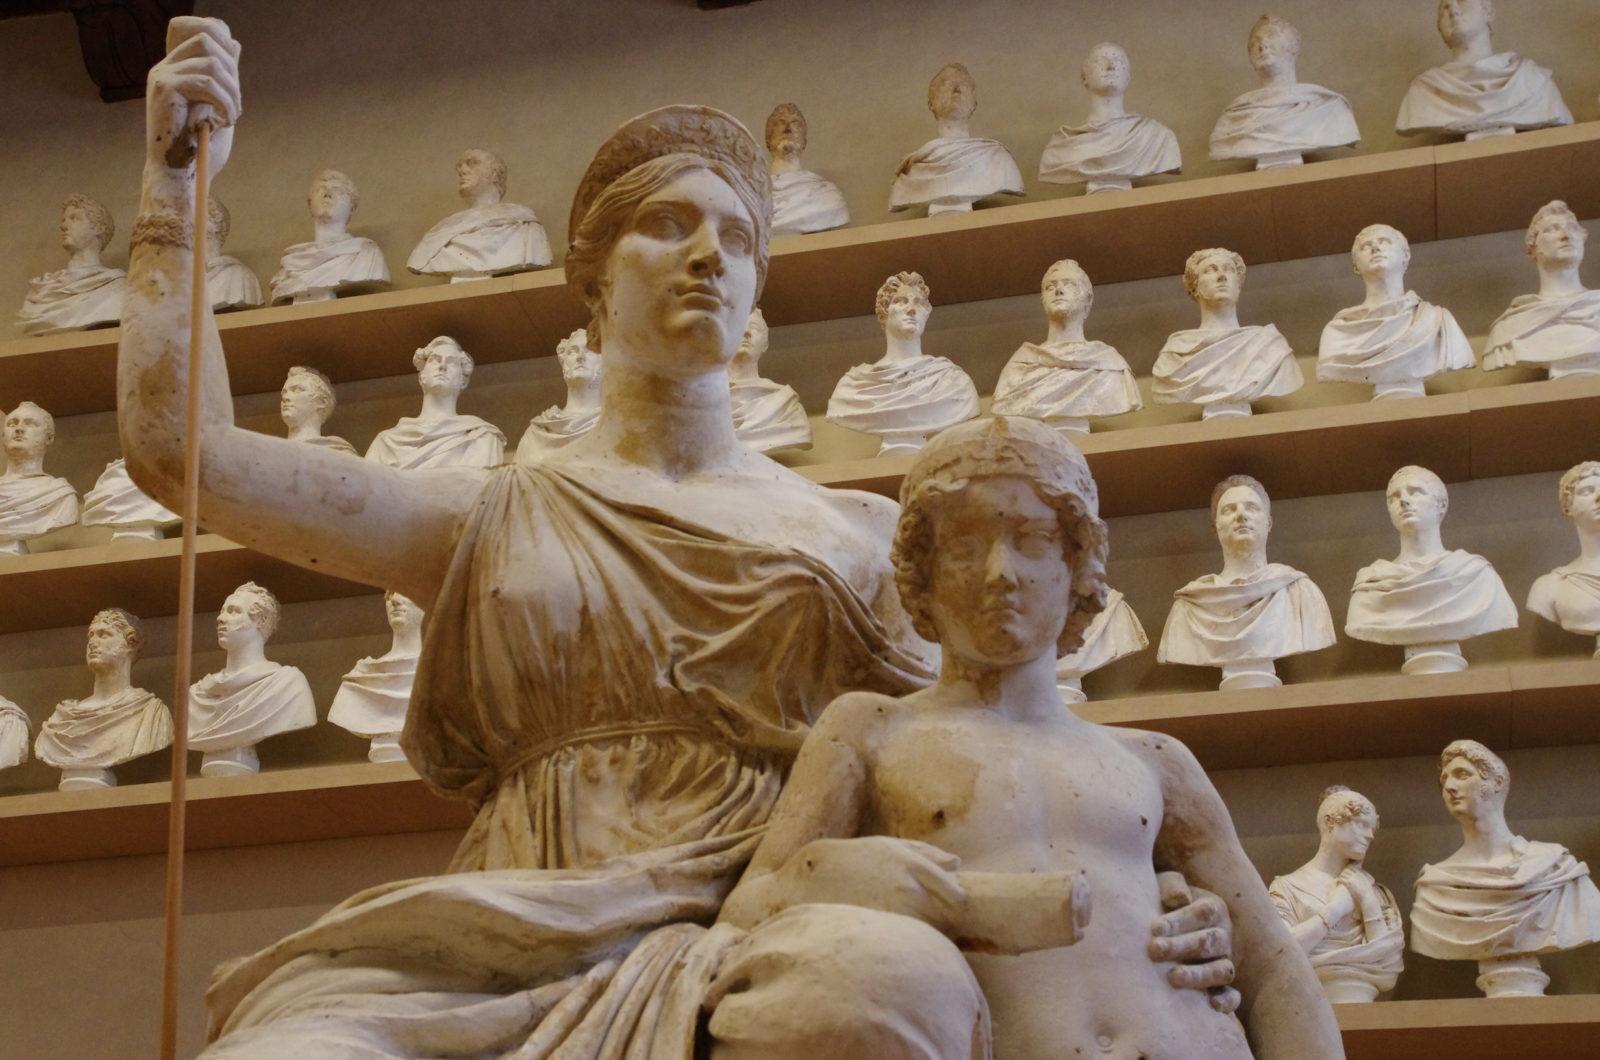 Olasz múzeumok: mi lesz a külföldi igazgatókkal populista fordulat idején?